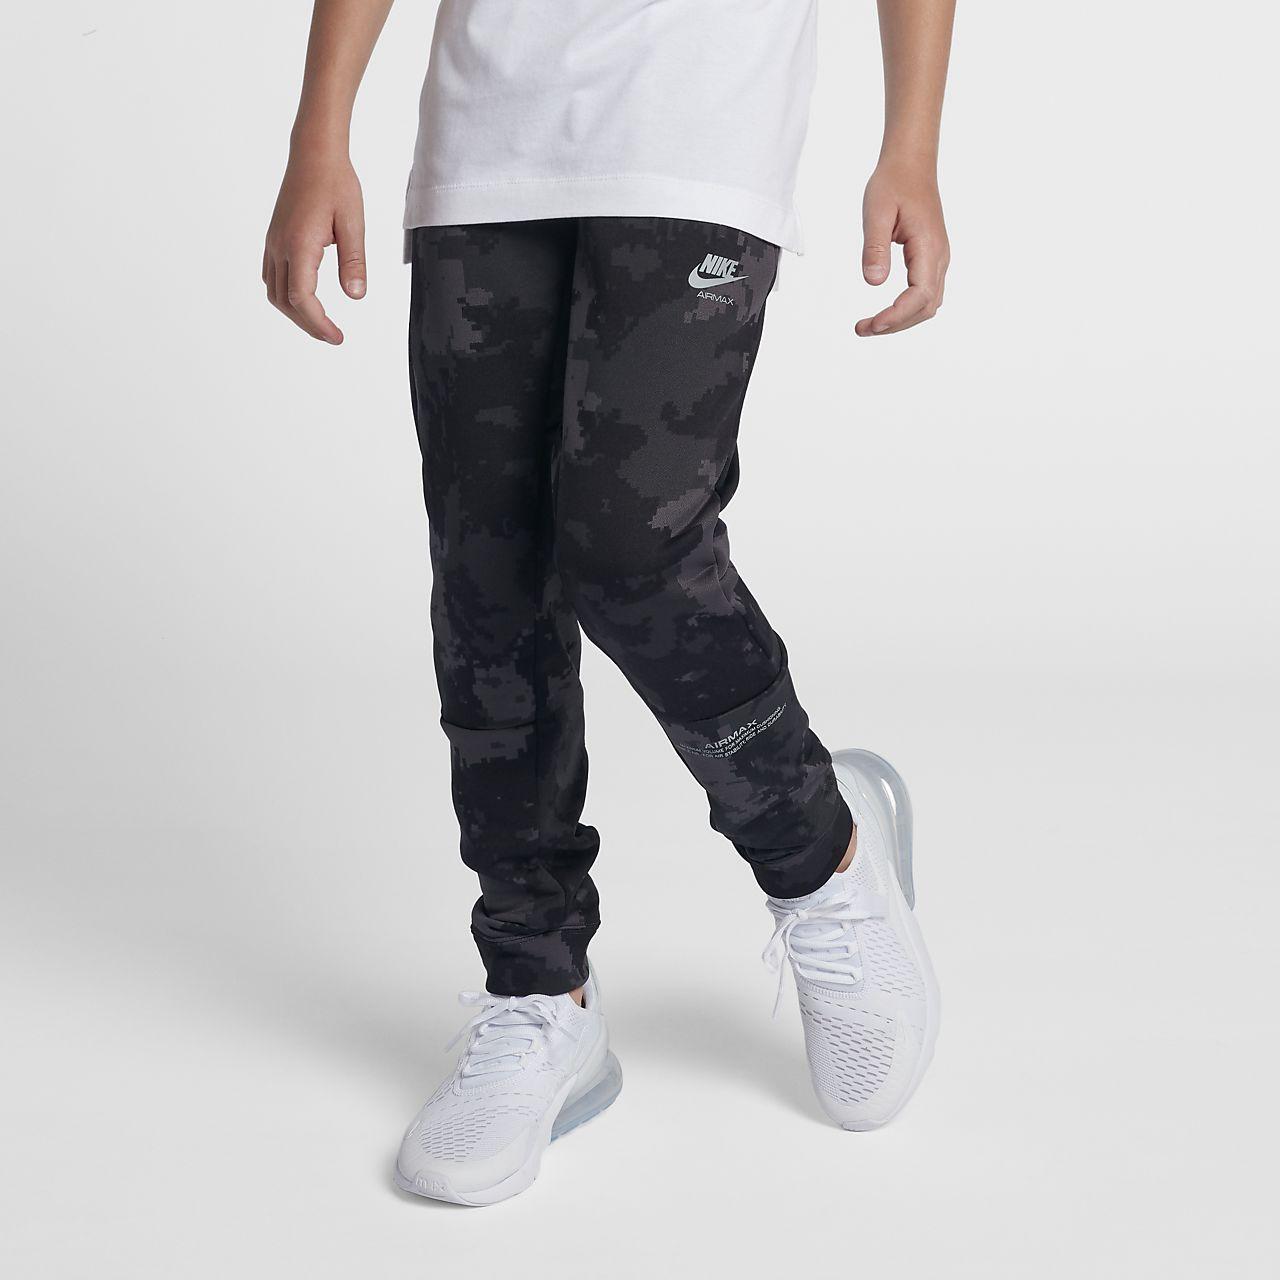 Billig Nike Air Max InVigor Herre Kondisko sortgrå præmie